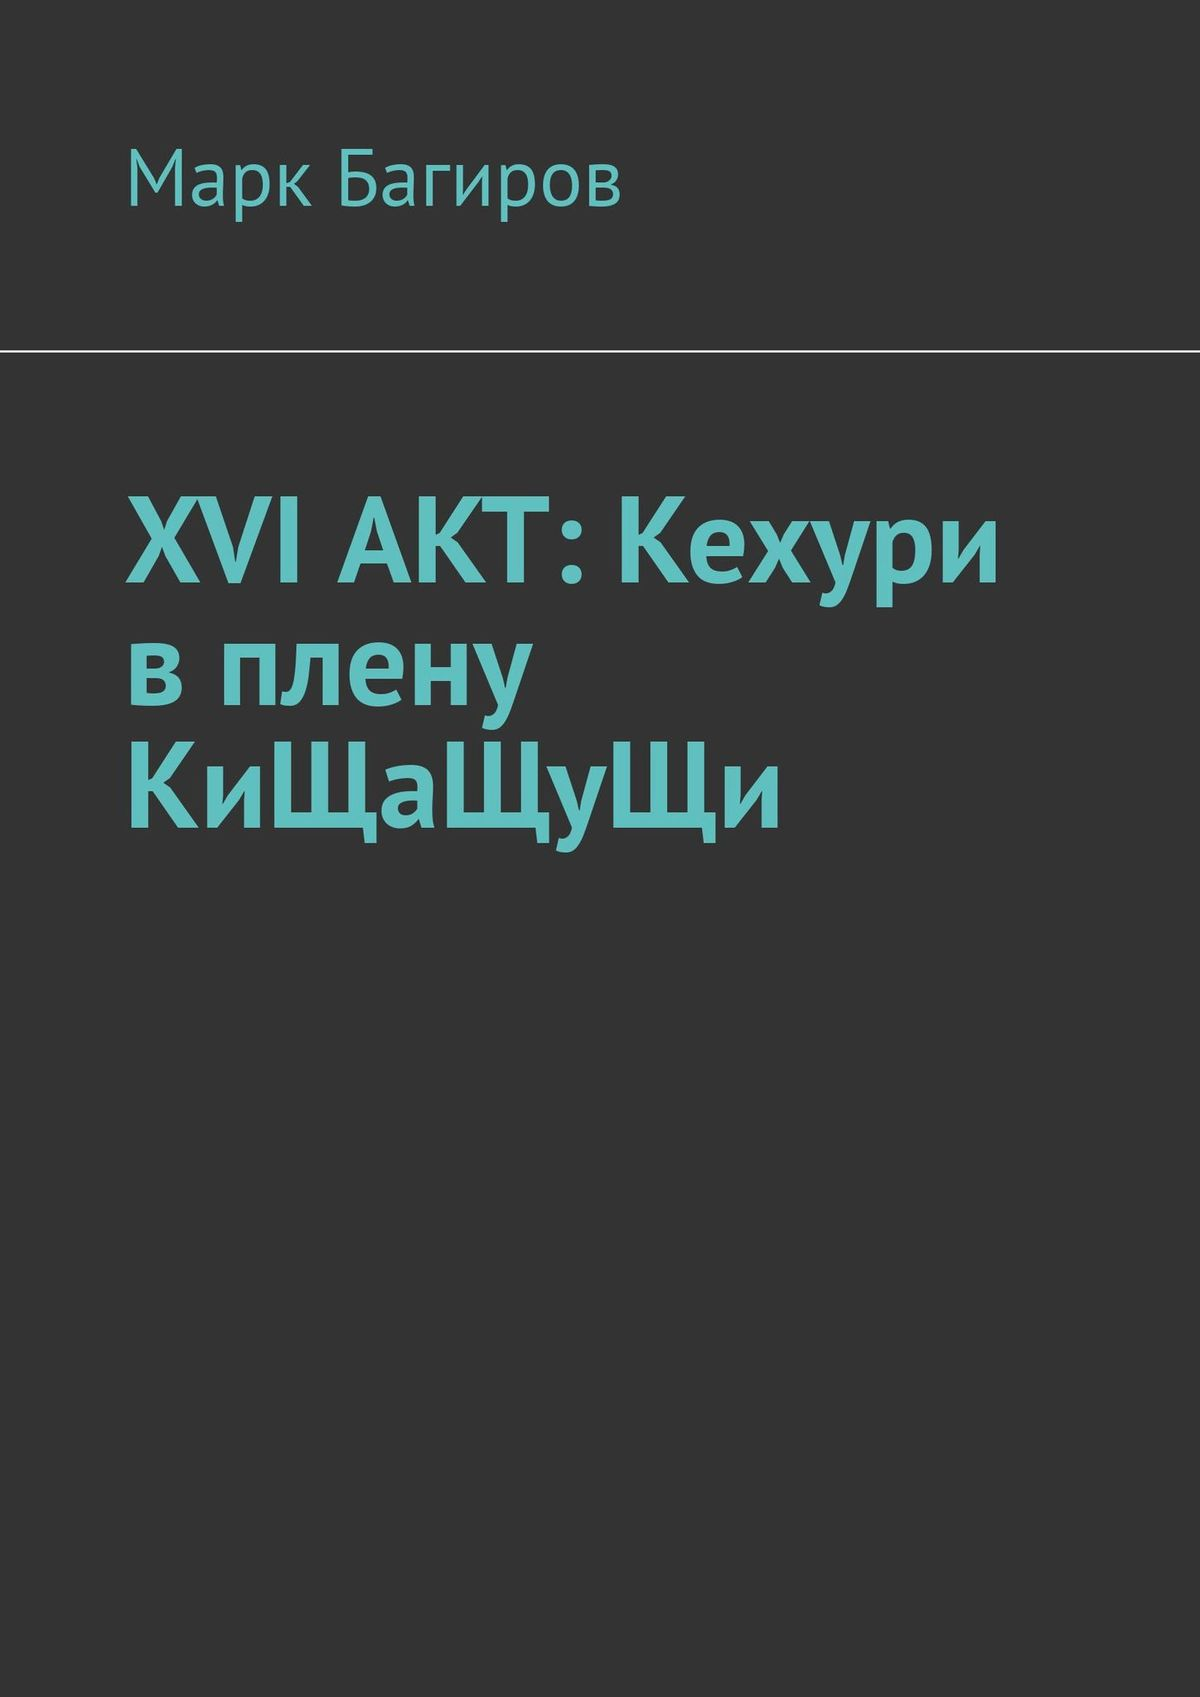 Марк Измайлов XVIАКТ: Кехури вплену КиЩаЩуЩи марк измайлов xvi акт